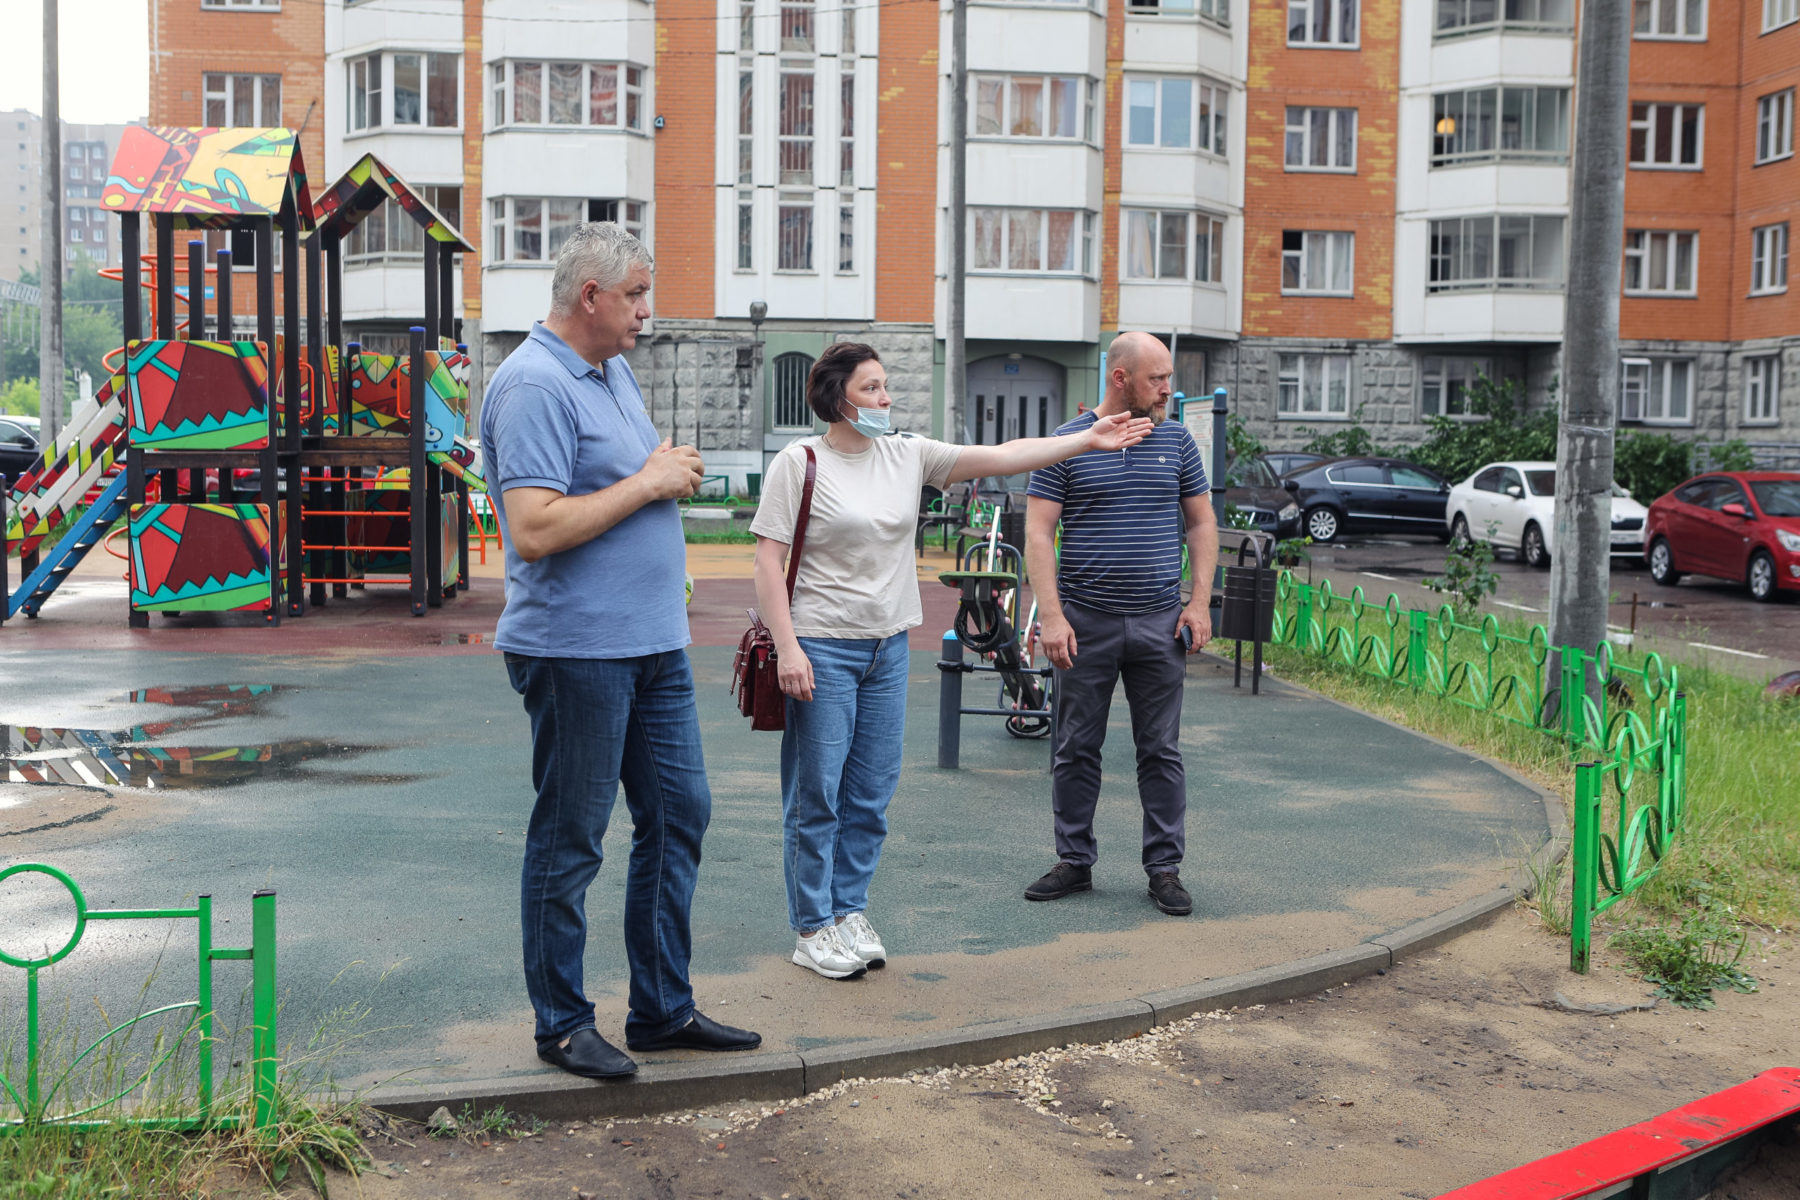 Тарас Ефимов поддержал инициативу жителей Балашихи по благоустройству Лесопарковой улицы